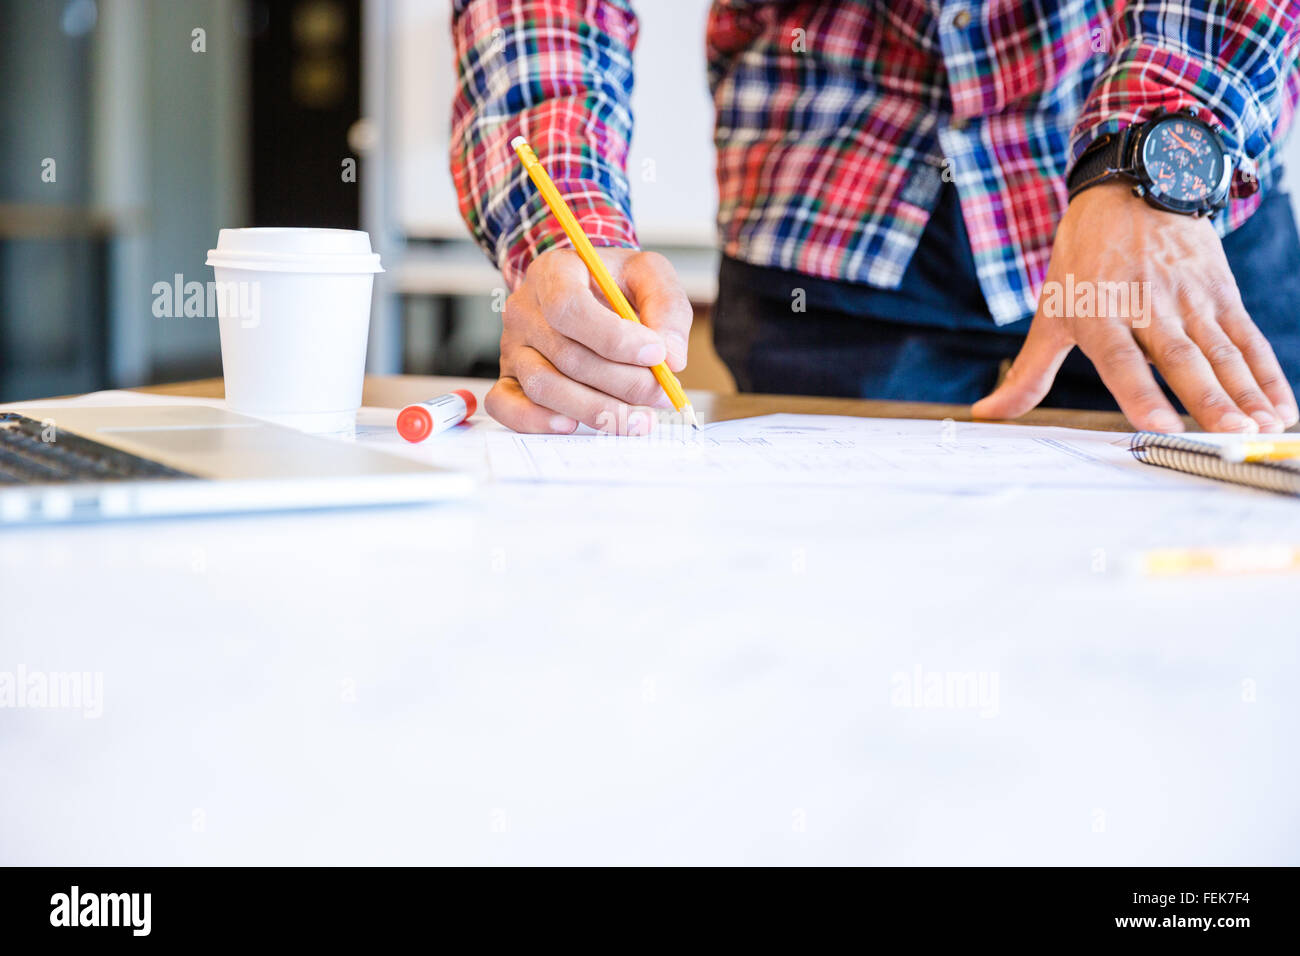 Joven estudiante afroamericana blueprint de dibujo con lápiz en el aula permanente Imagen De Stock